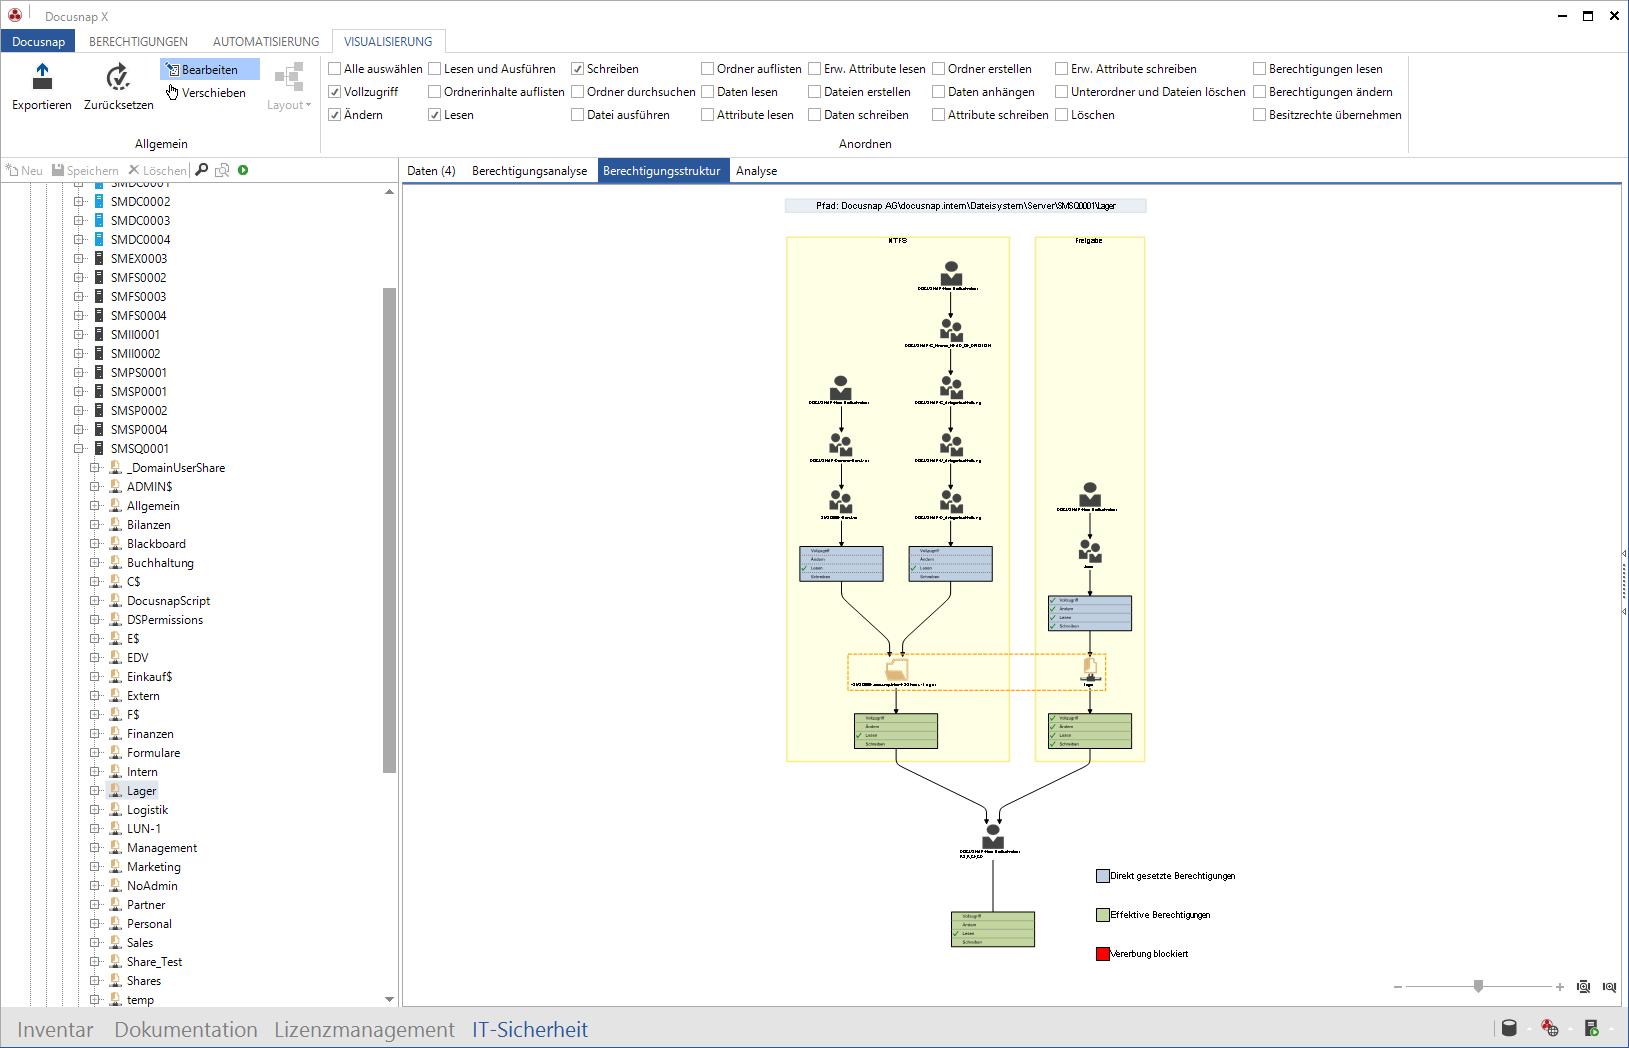 Screenshot: Windows Berechtigungen über Verzeichnisebenen darstellen